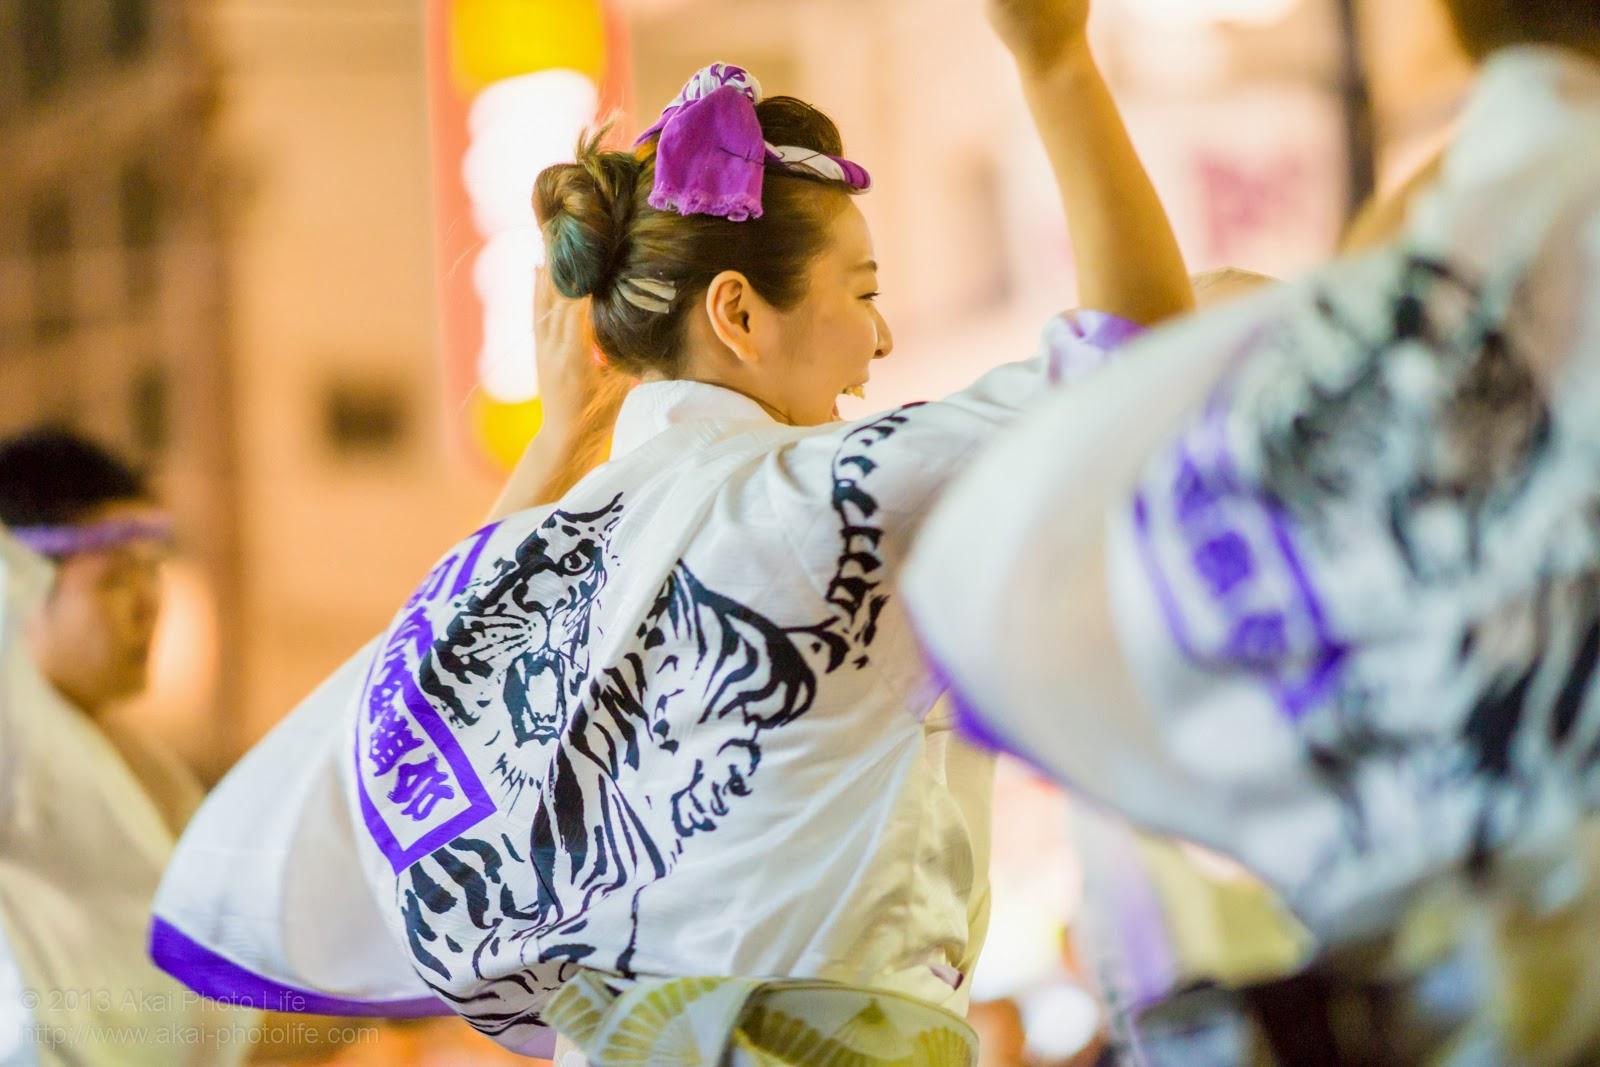 初台阿波おどり、初台連の女性による男踊り